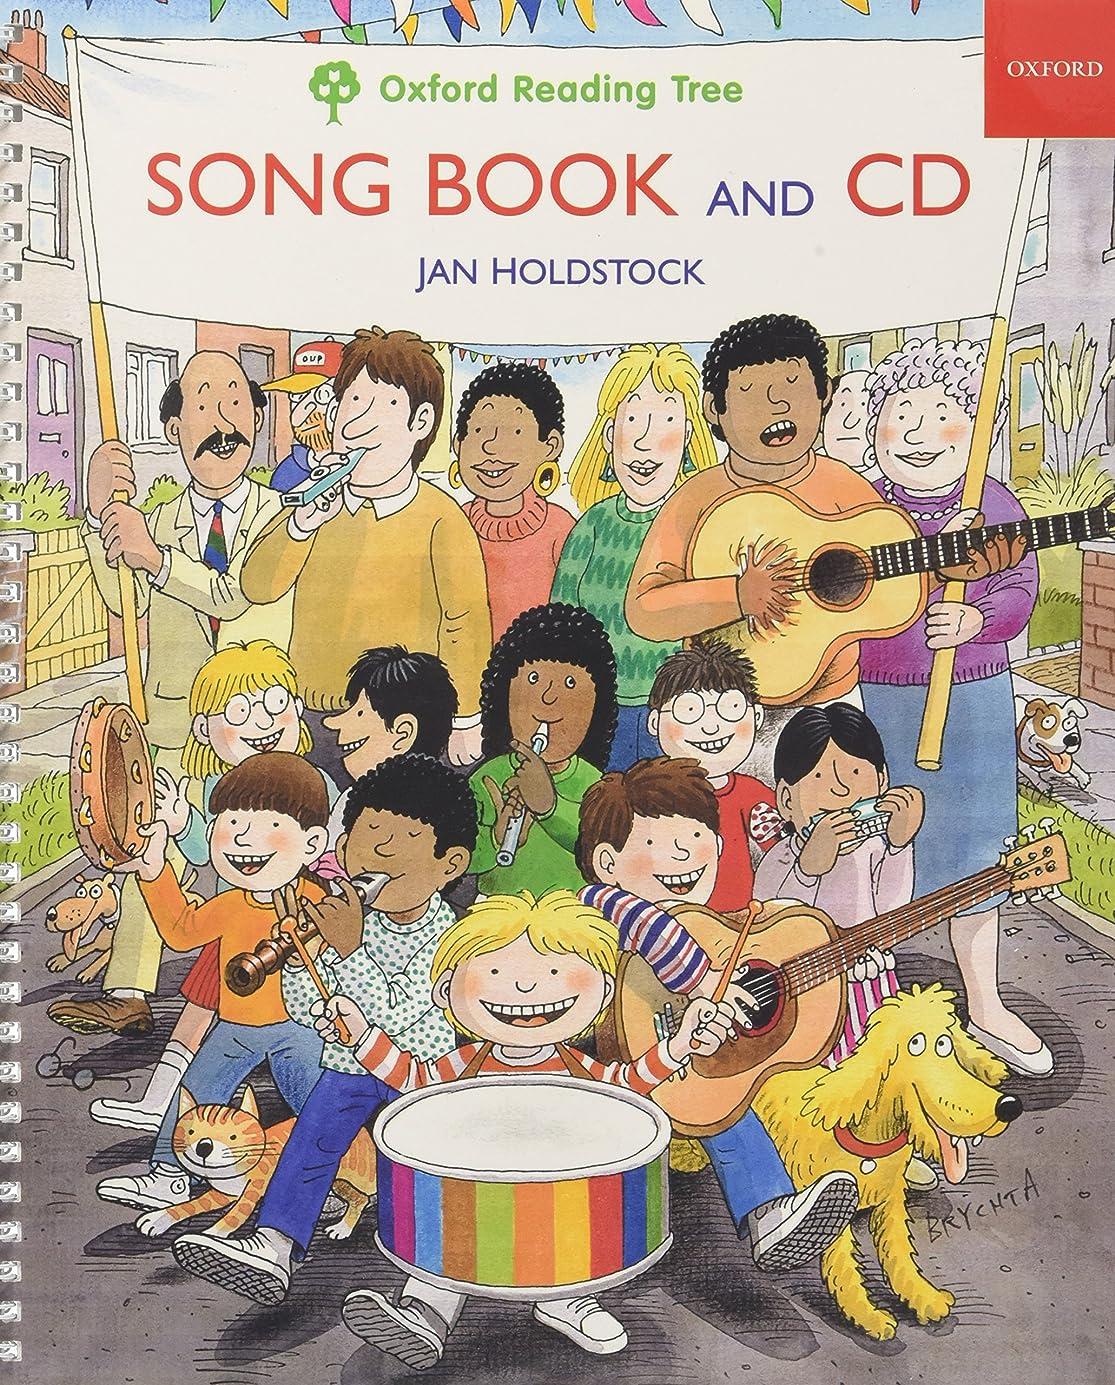 吸収無実生産性Oxford Reading Tree: Song Book and CD